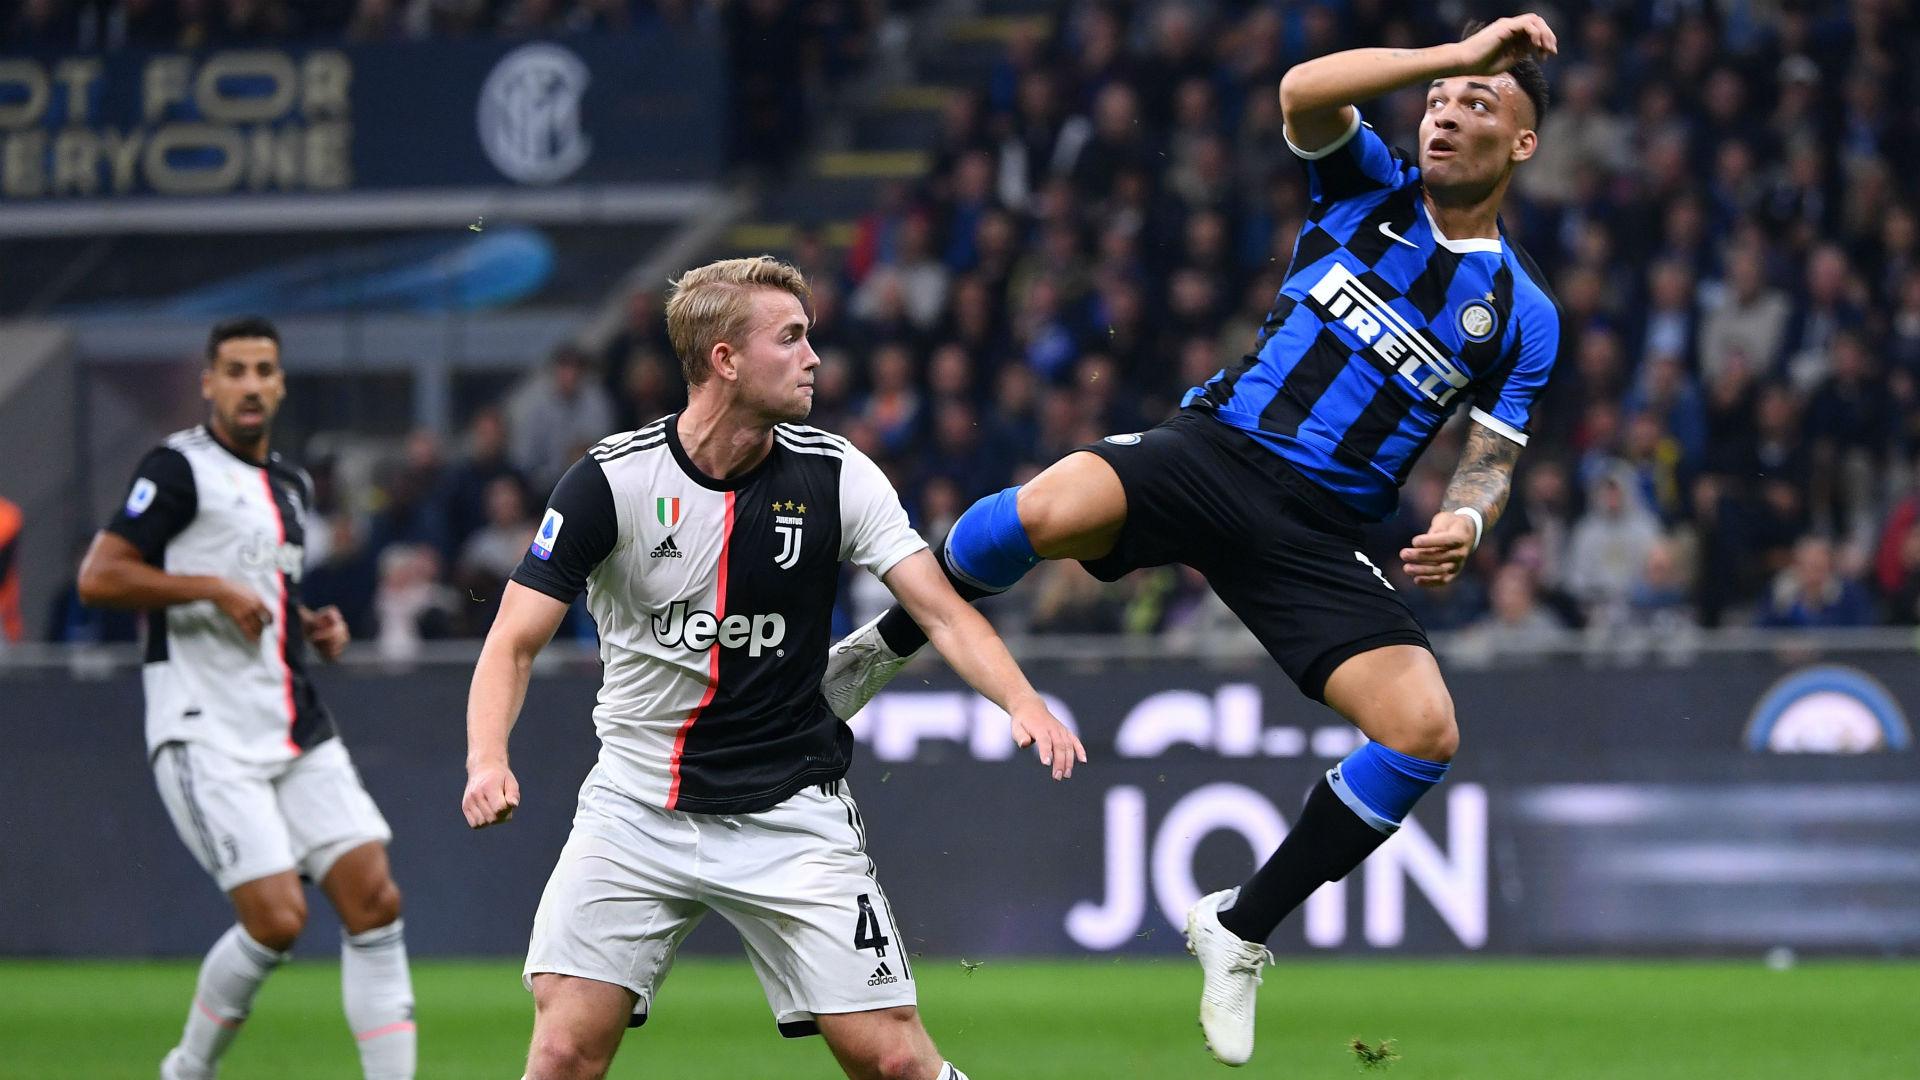 Juventus - Inter maçı koronavirüs yüzünden ertelenebilir | Goal.com